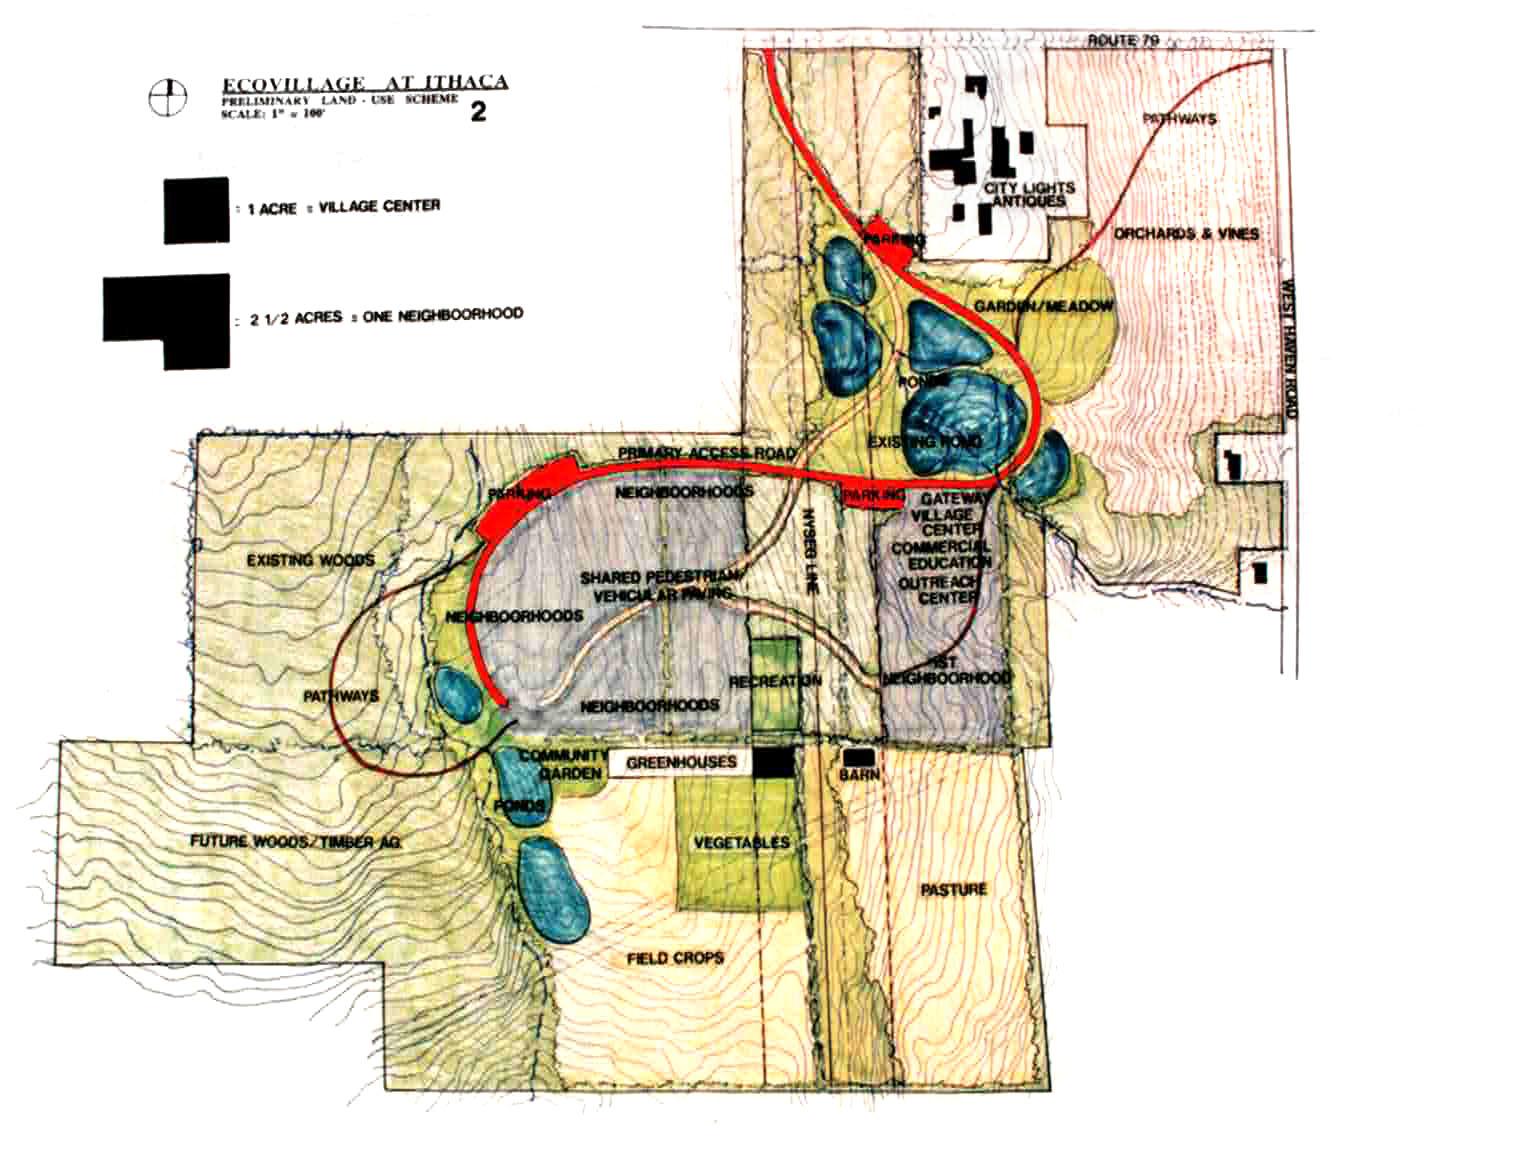 Ecovillage at Ithaca-Prelim-land use scheme-1993-2.jpg